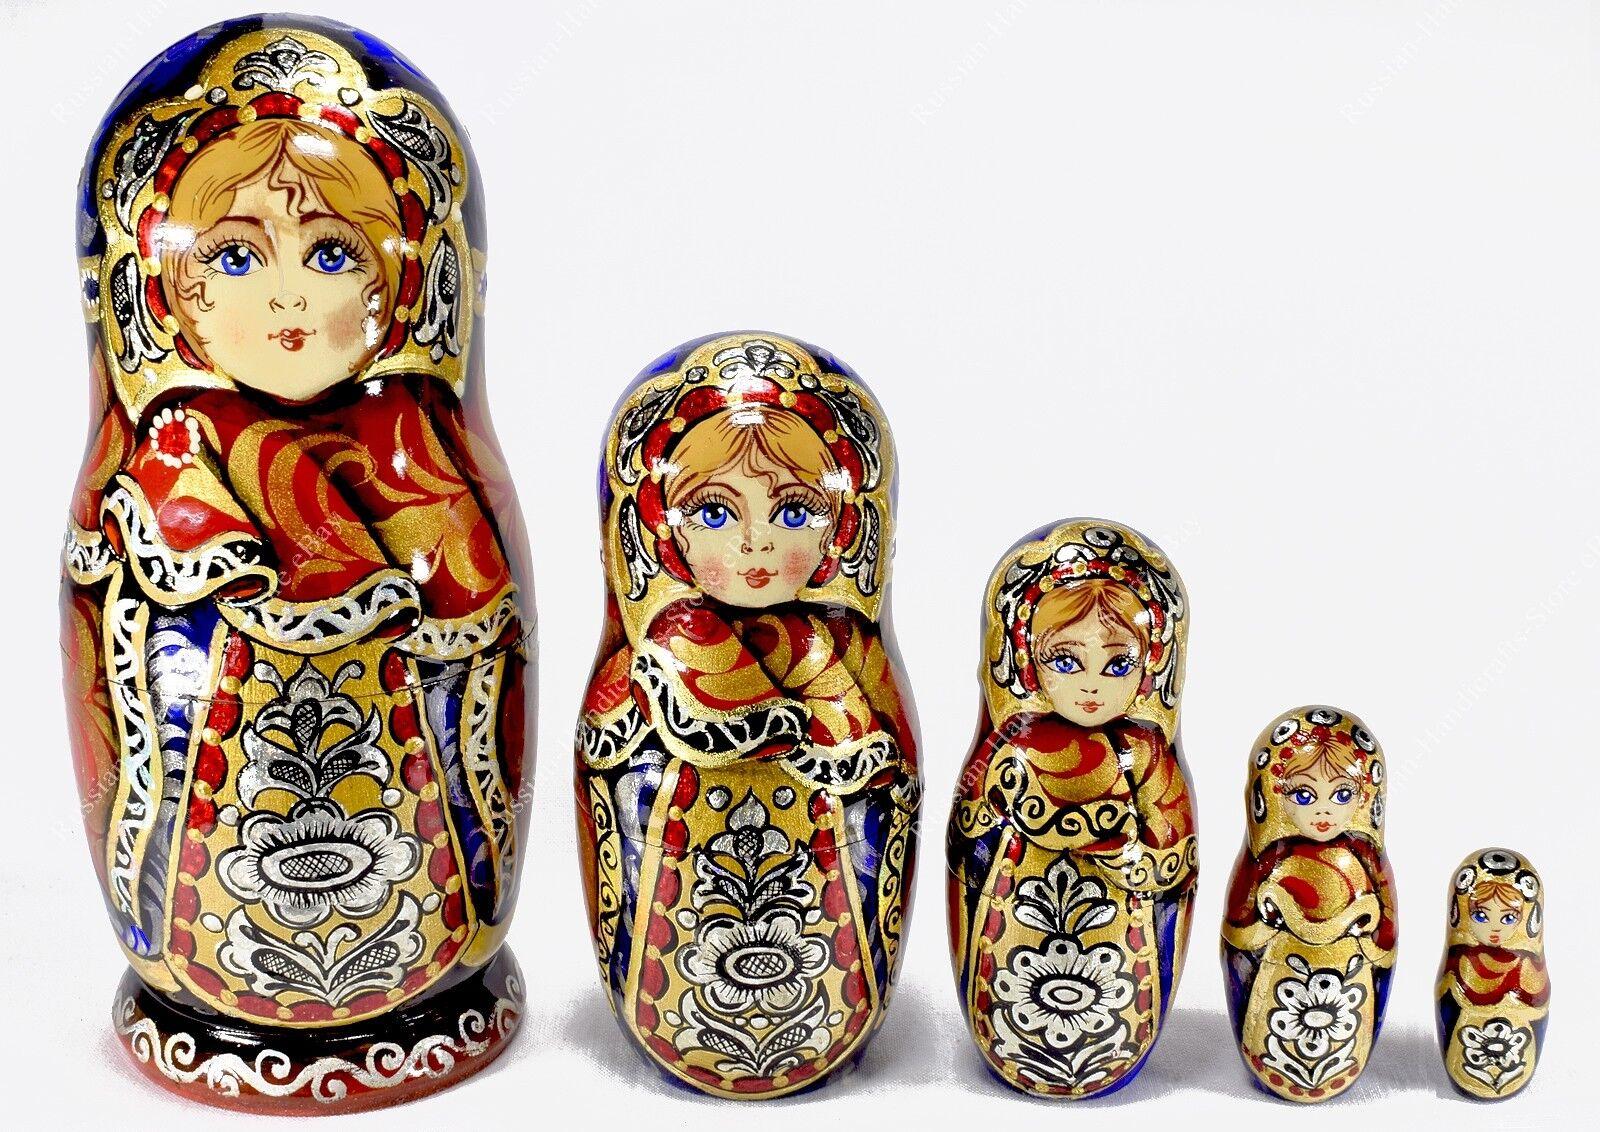 6  Author's Precioso Auténtico Rusas Tradicional Matrioska Muñecas-caja 5pcs